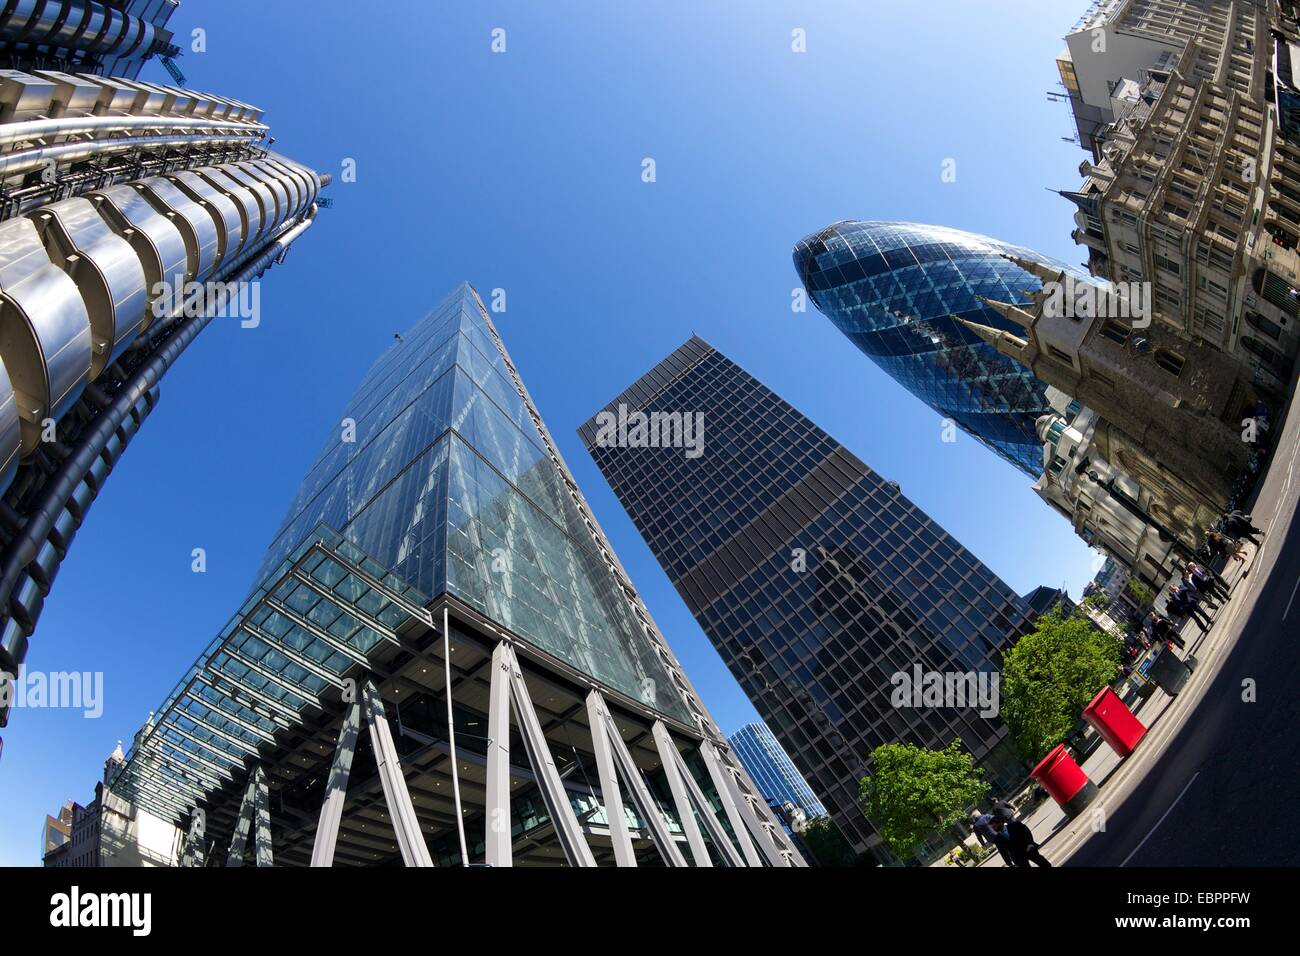 Der Londoner Bankenviertel mit Gurke, Lloyds building, Käsereibe und NatWest Tower, England, Vereinigtes Königreich Stockbild